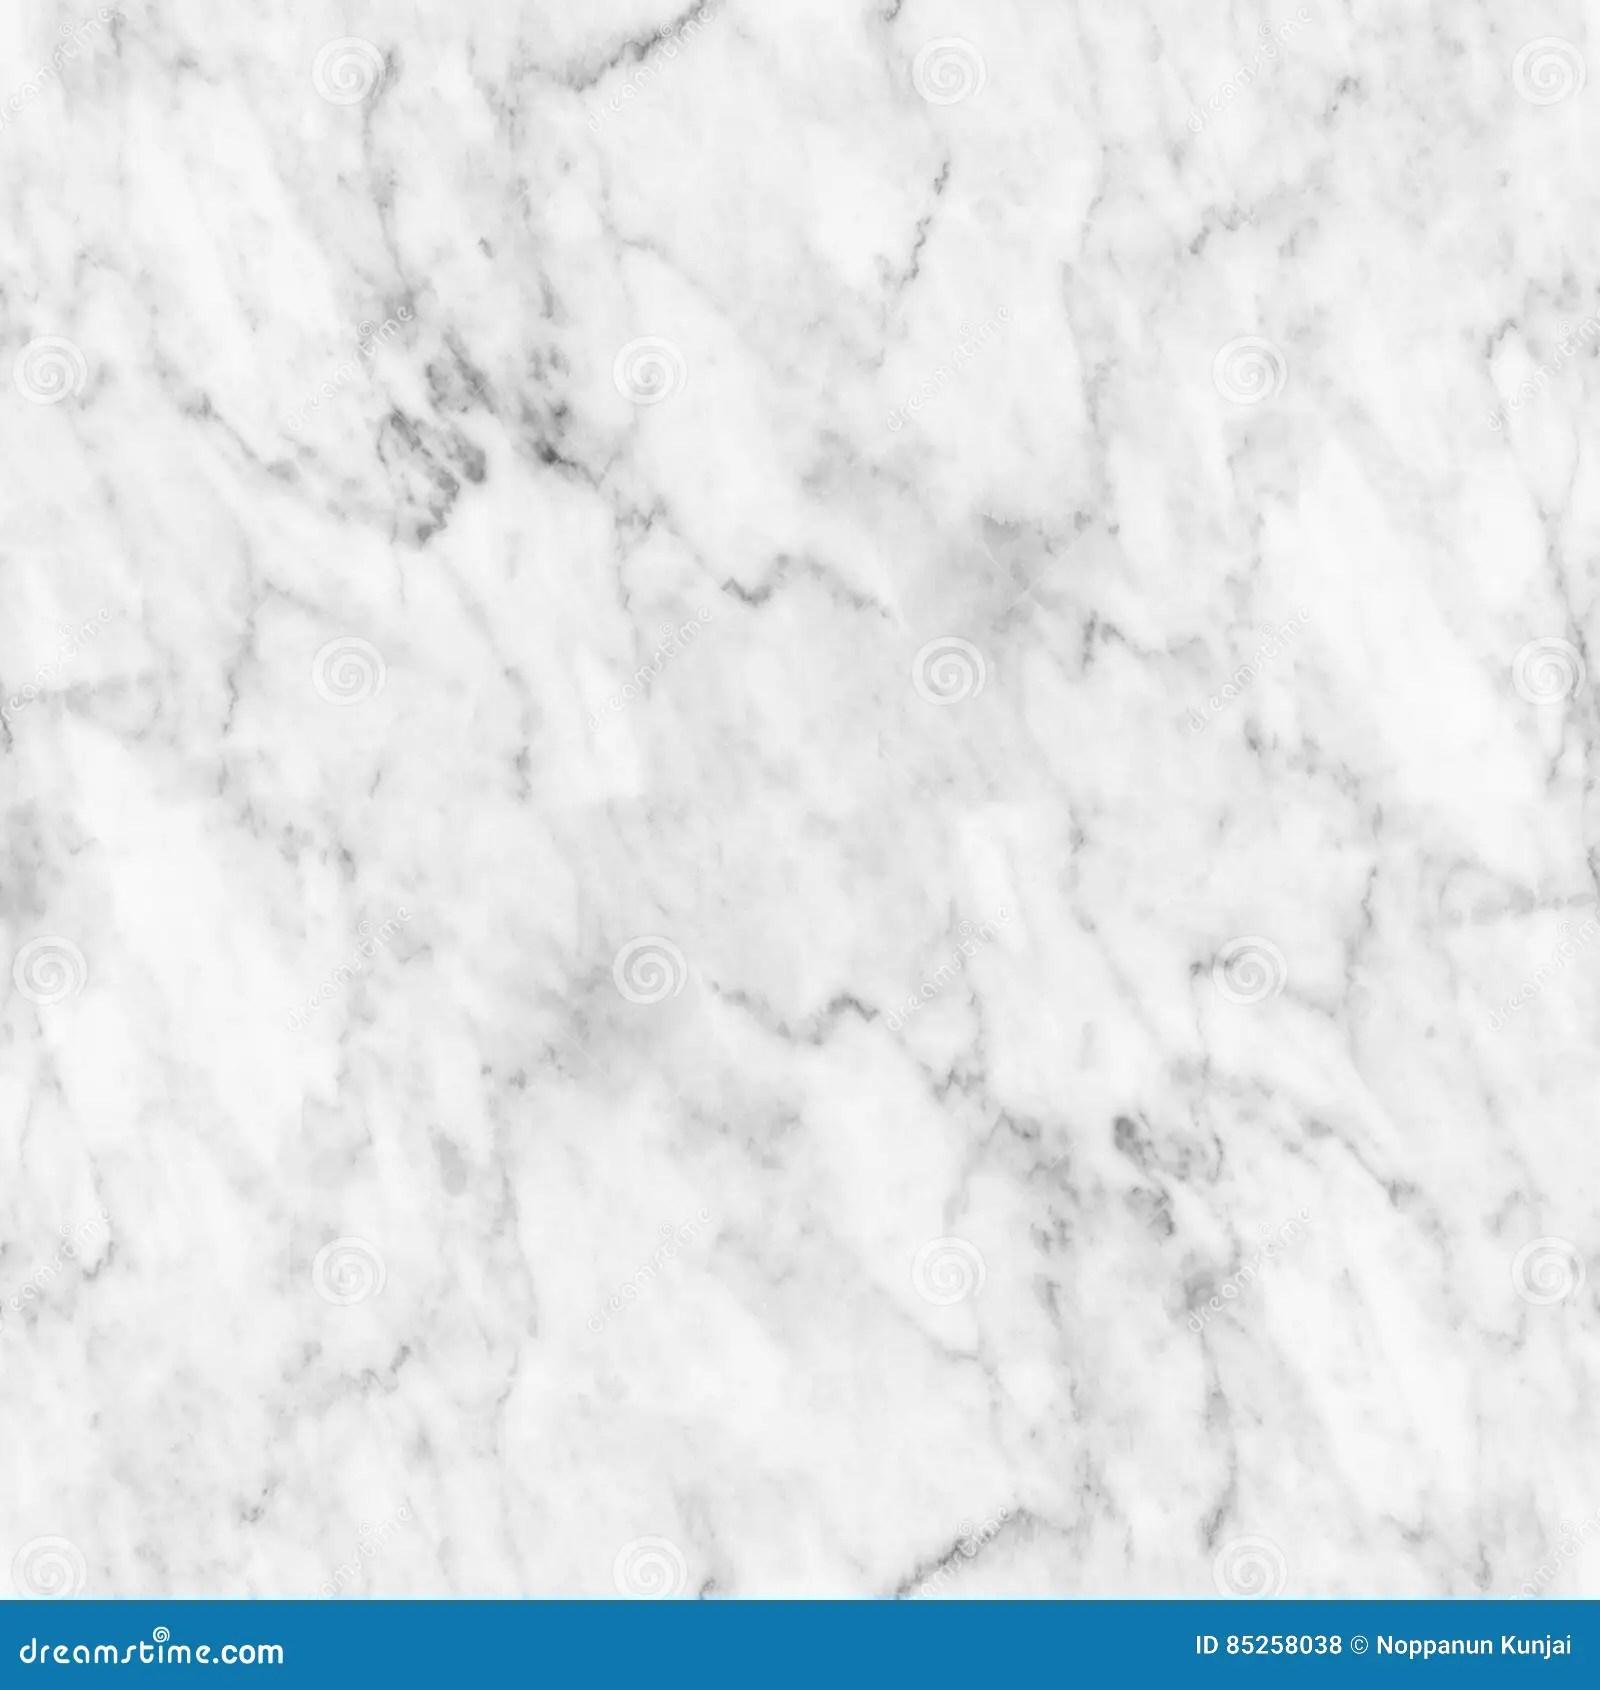 Marble Texture Seamless Pattern Vector Illustration